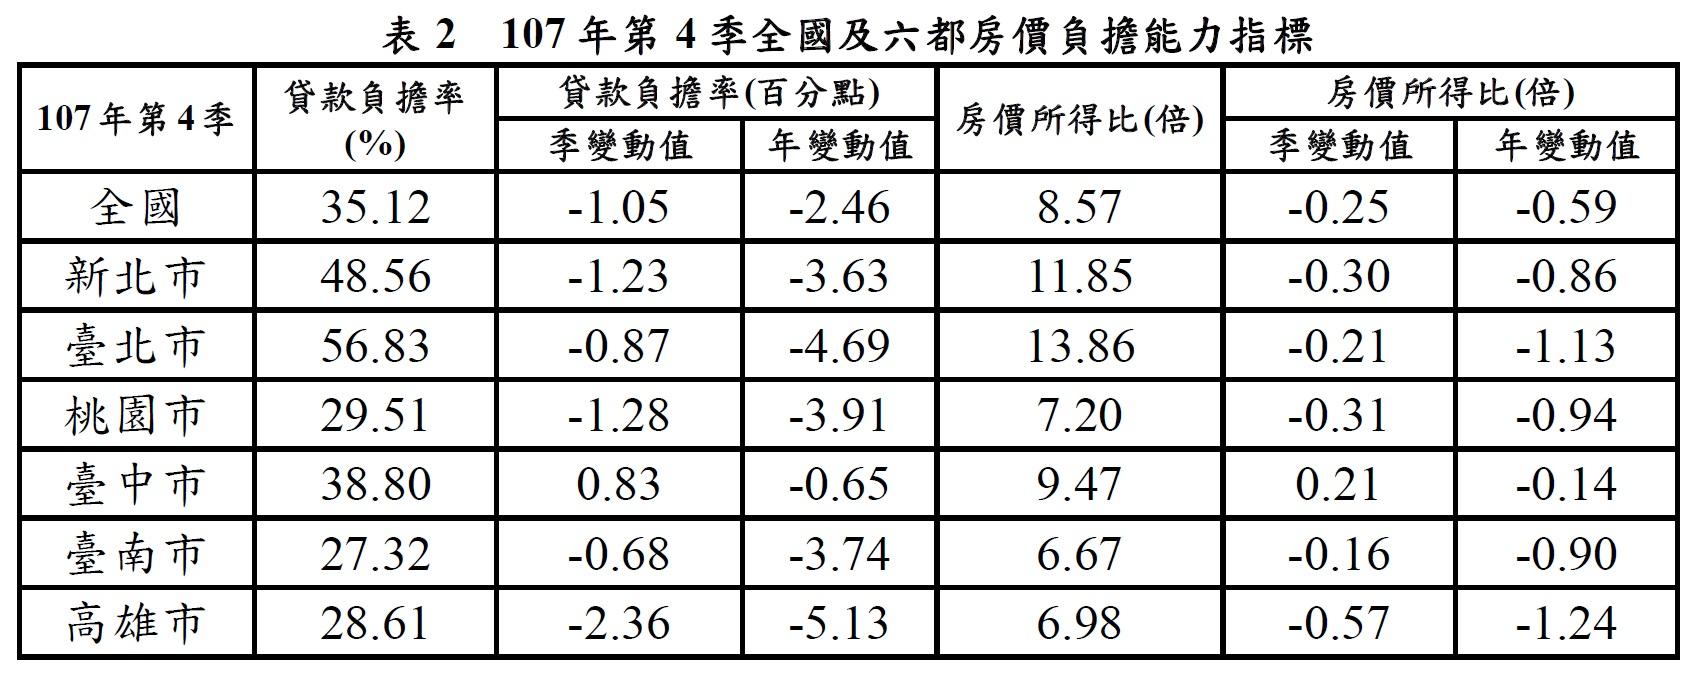 107年第4季全國及六都房價負擔能力指標